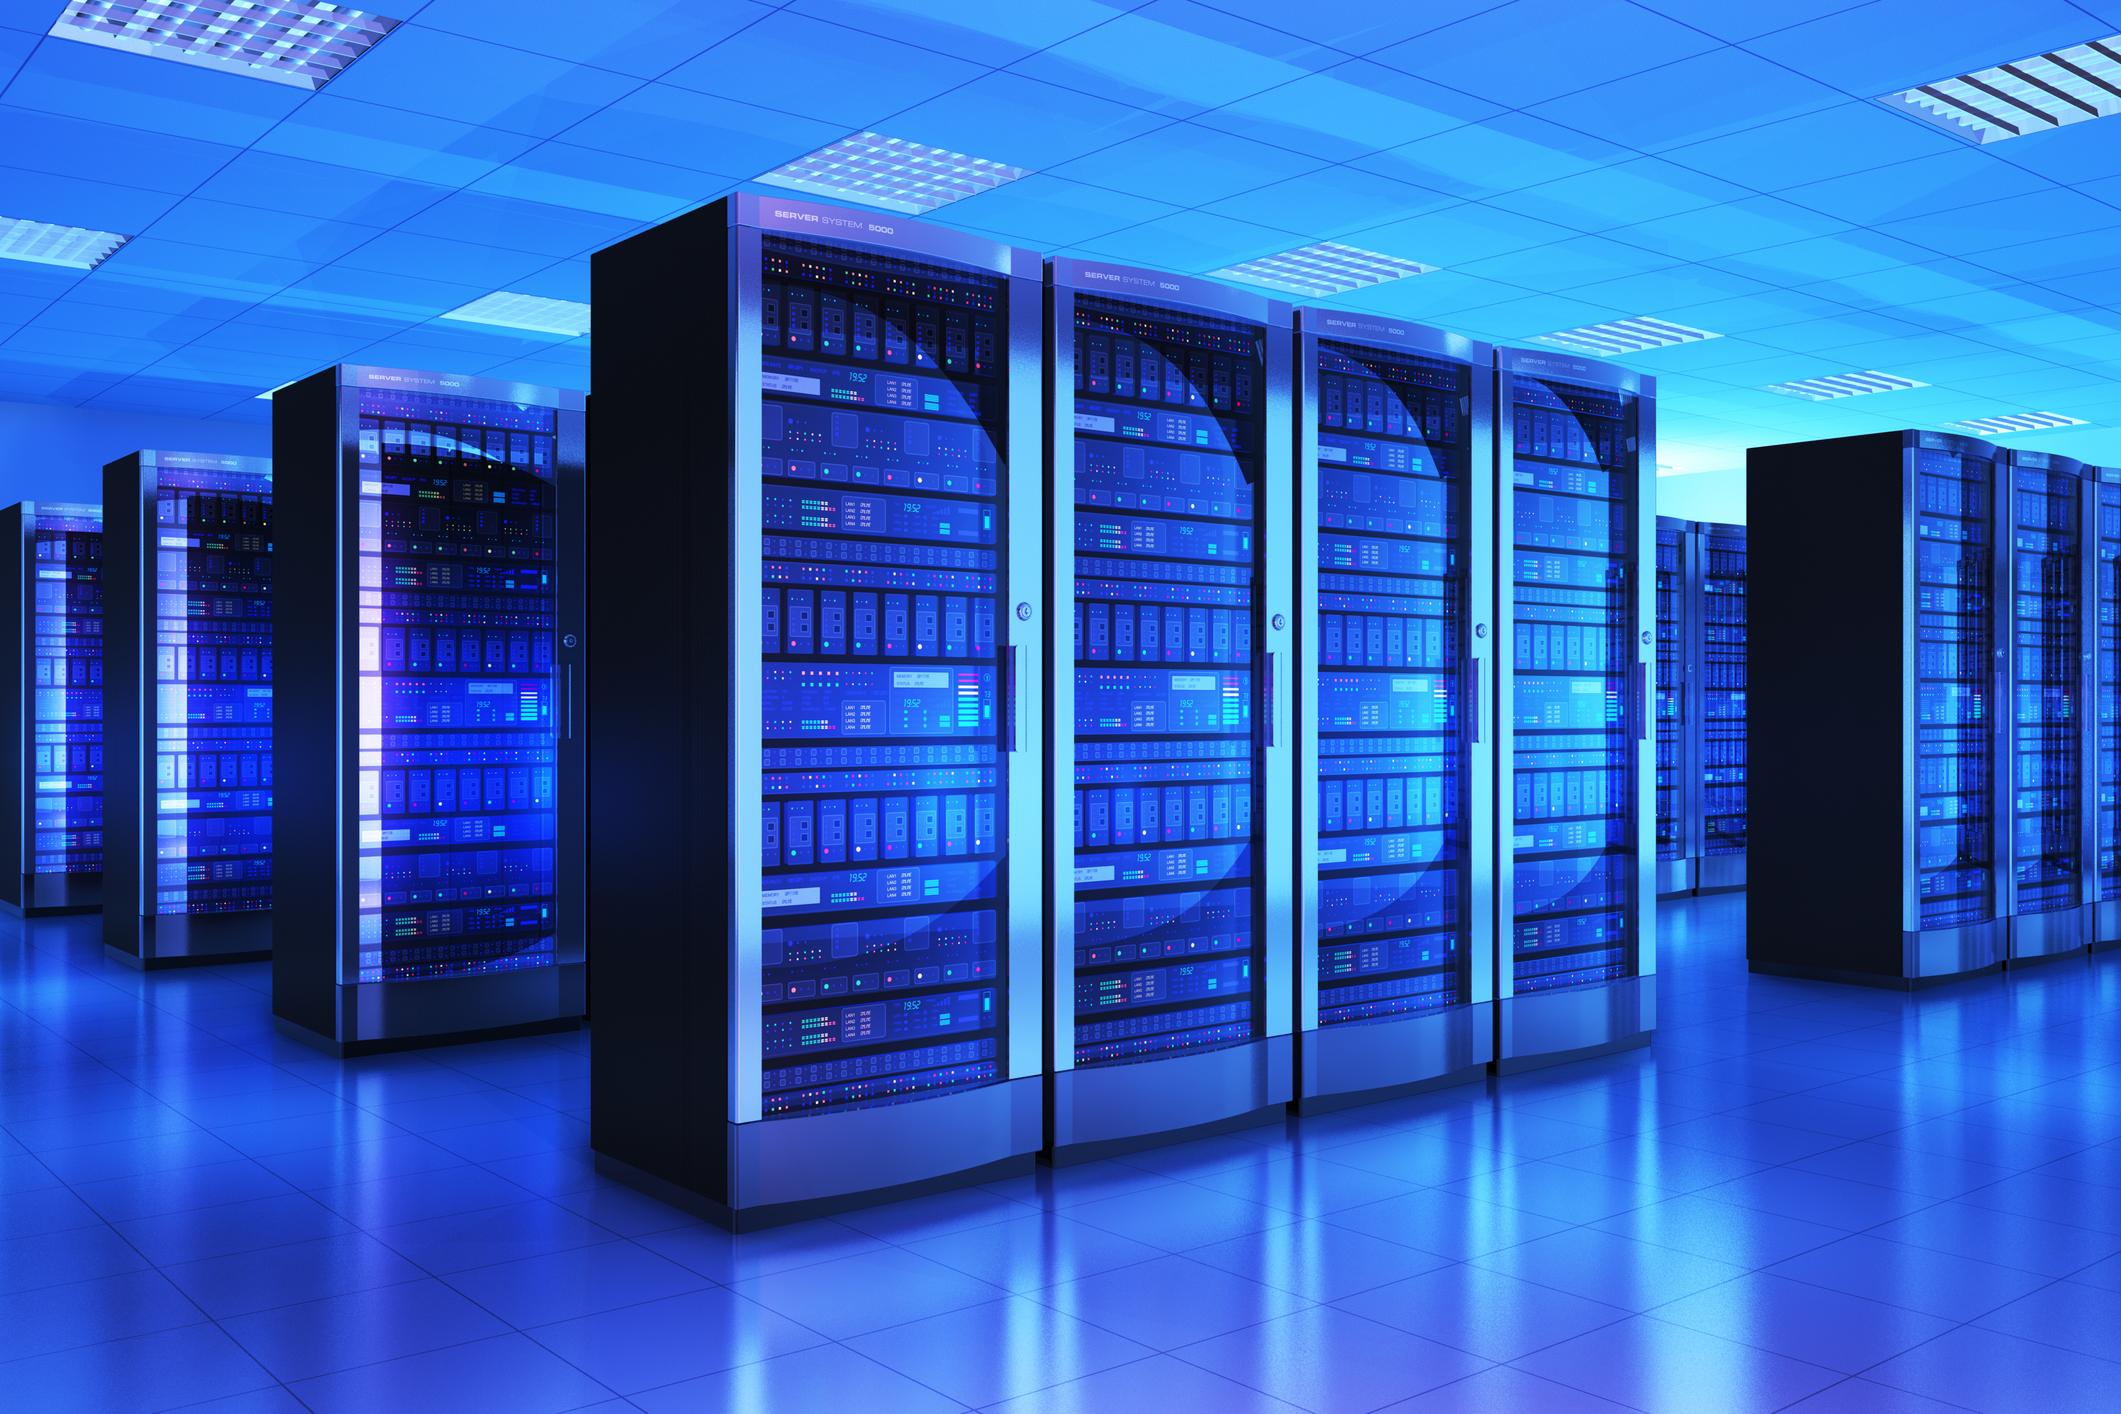 A data center.